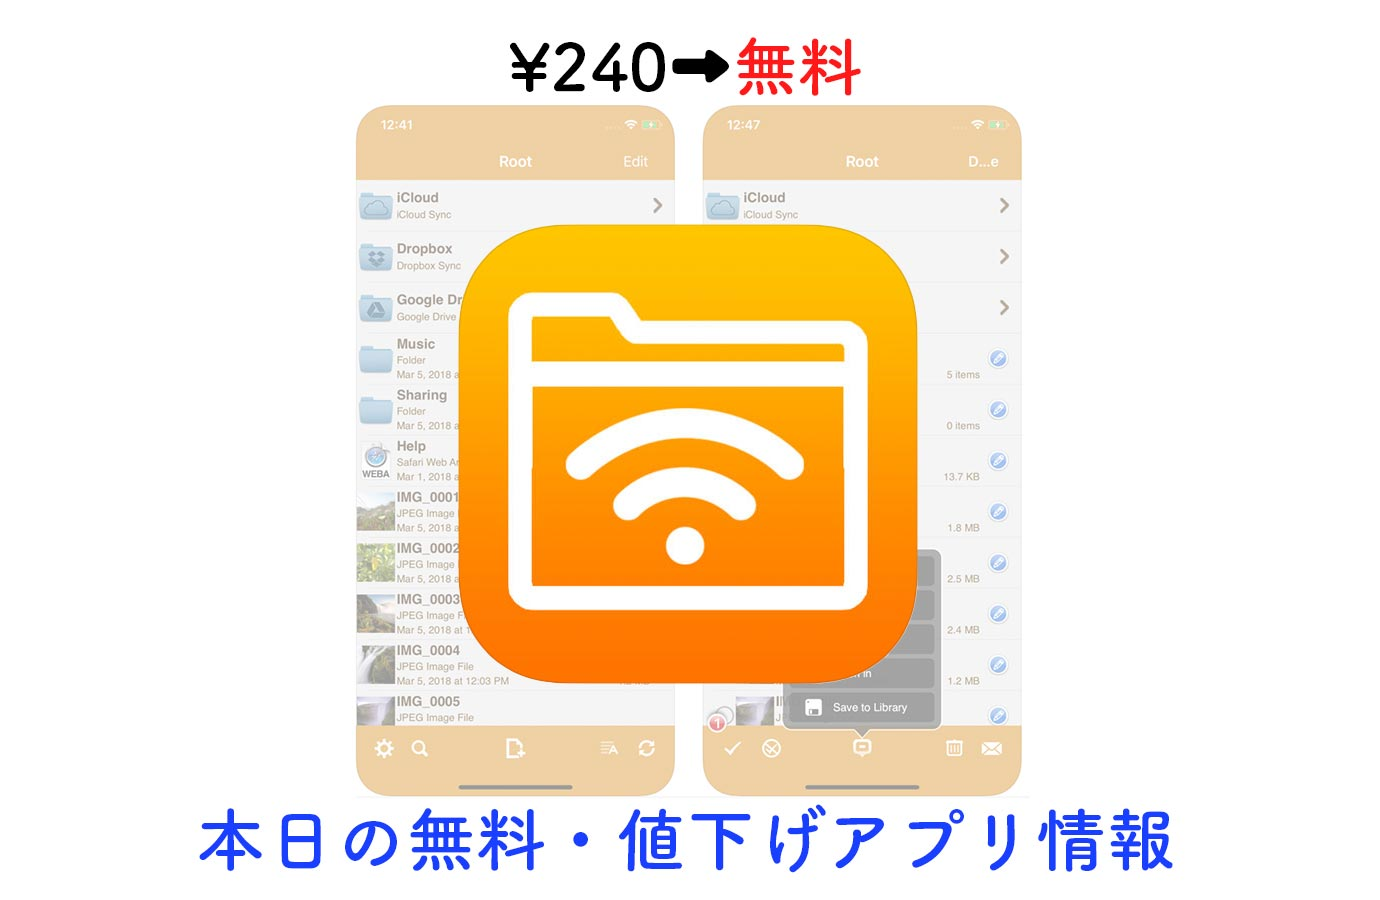 240円→無料、iPhoneをワイヤレスフラッシュドライブにする「AirDisk Pro」など【4/14】セールアプリ情報